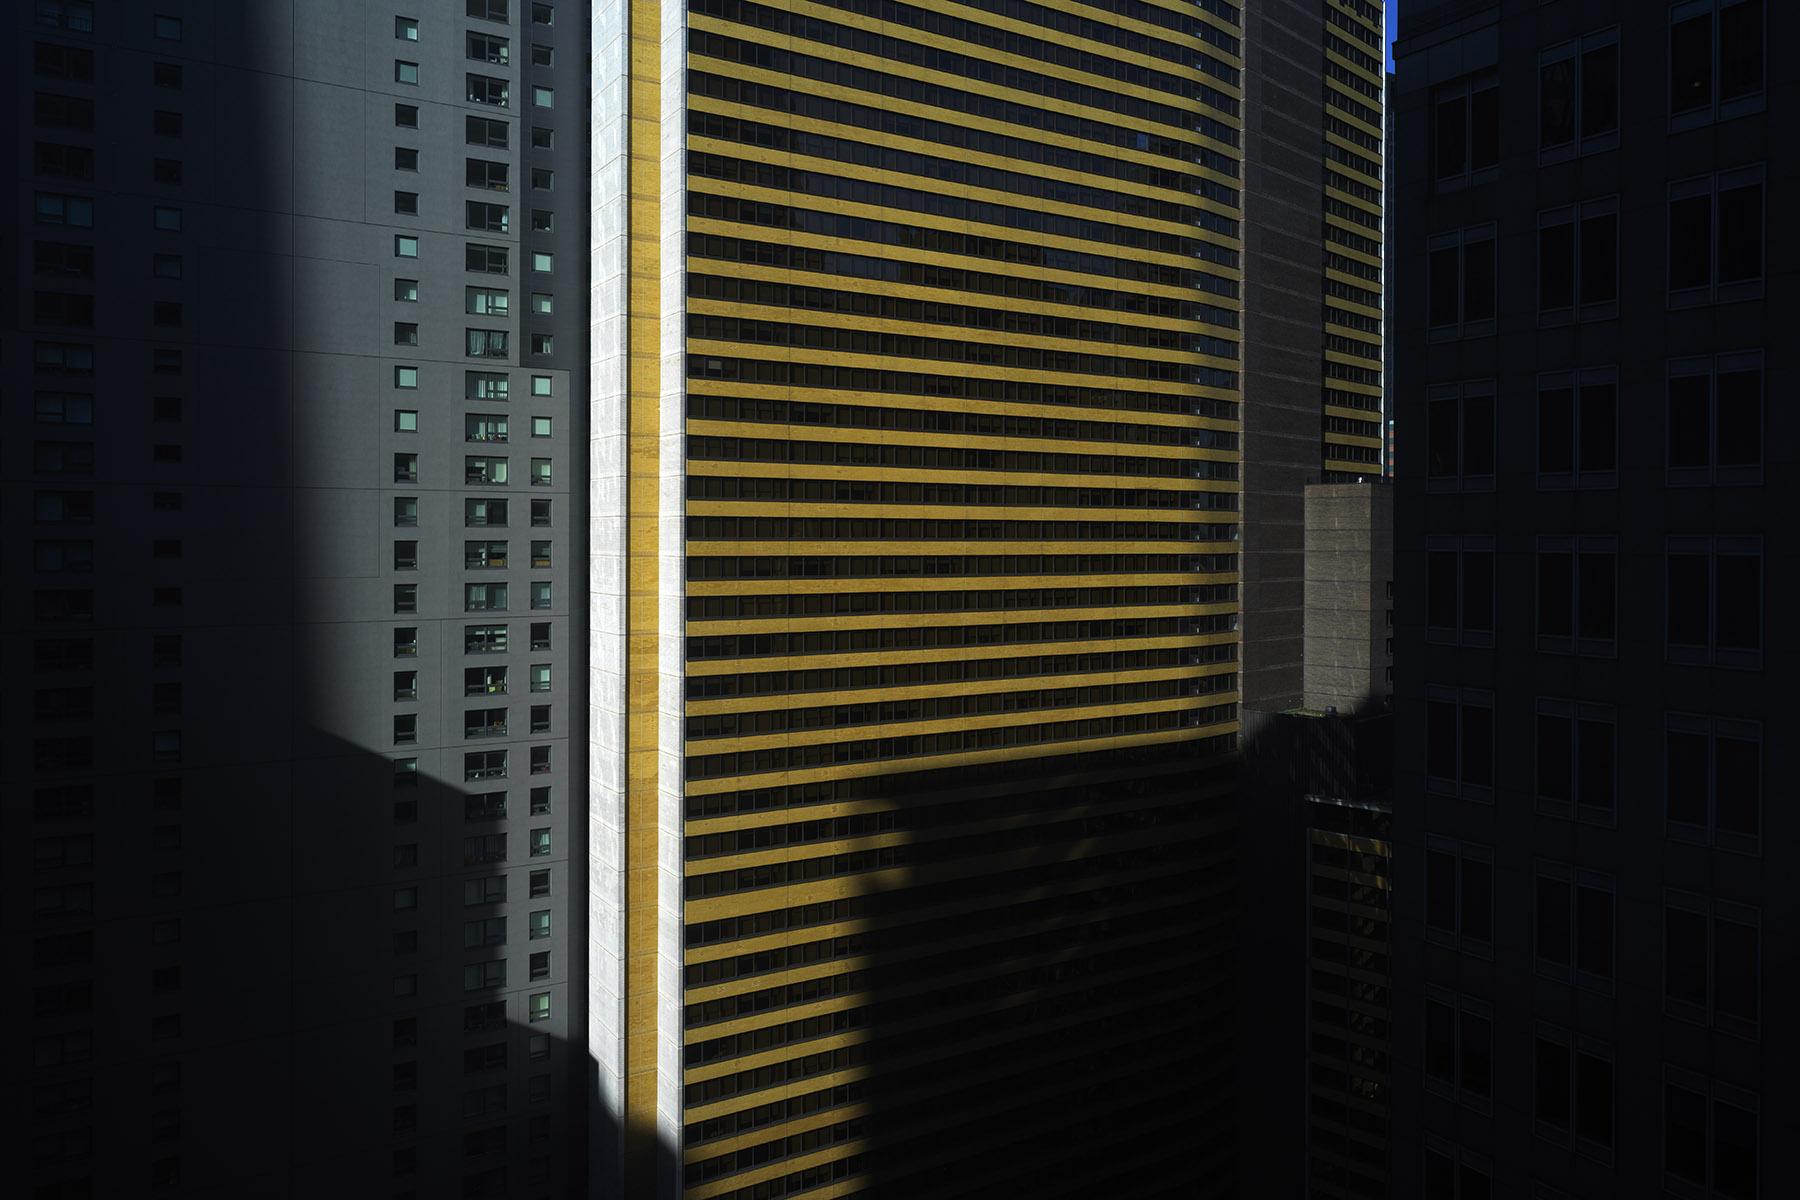 Room 2535, Hilton Midtown, NYC